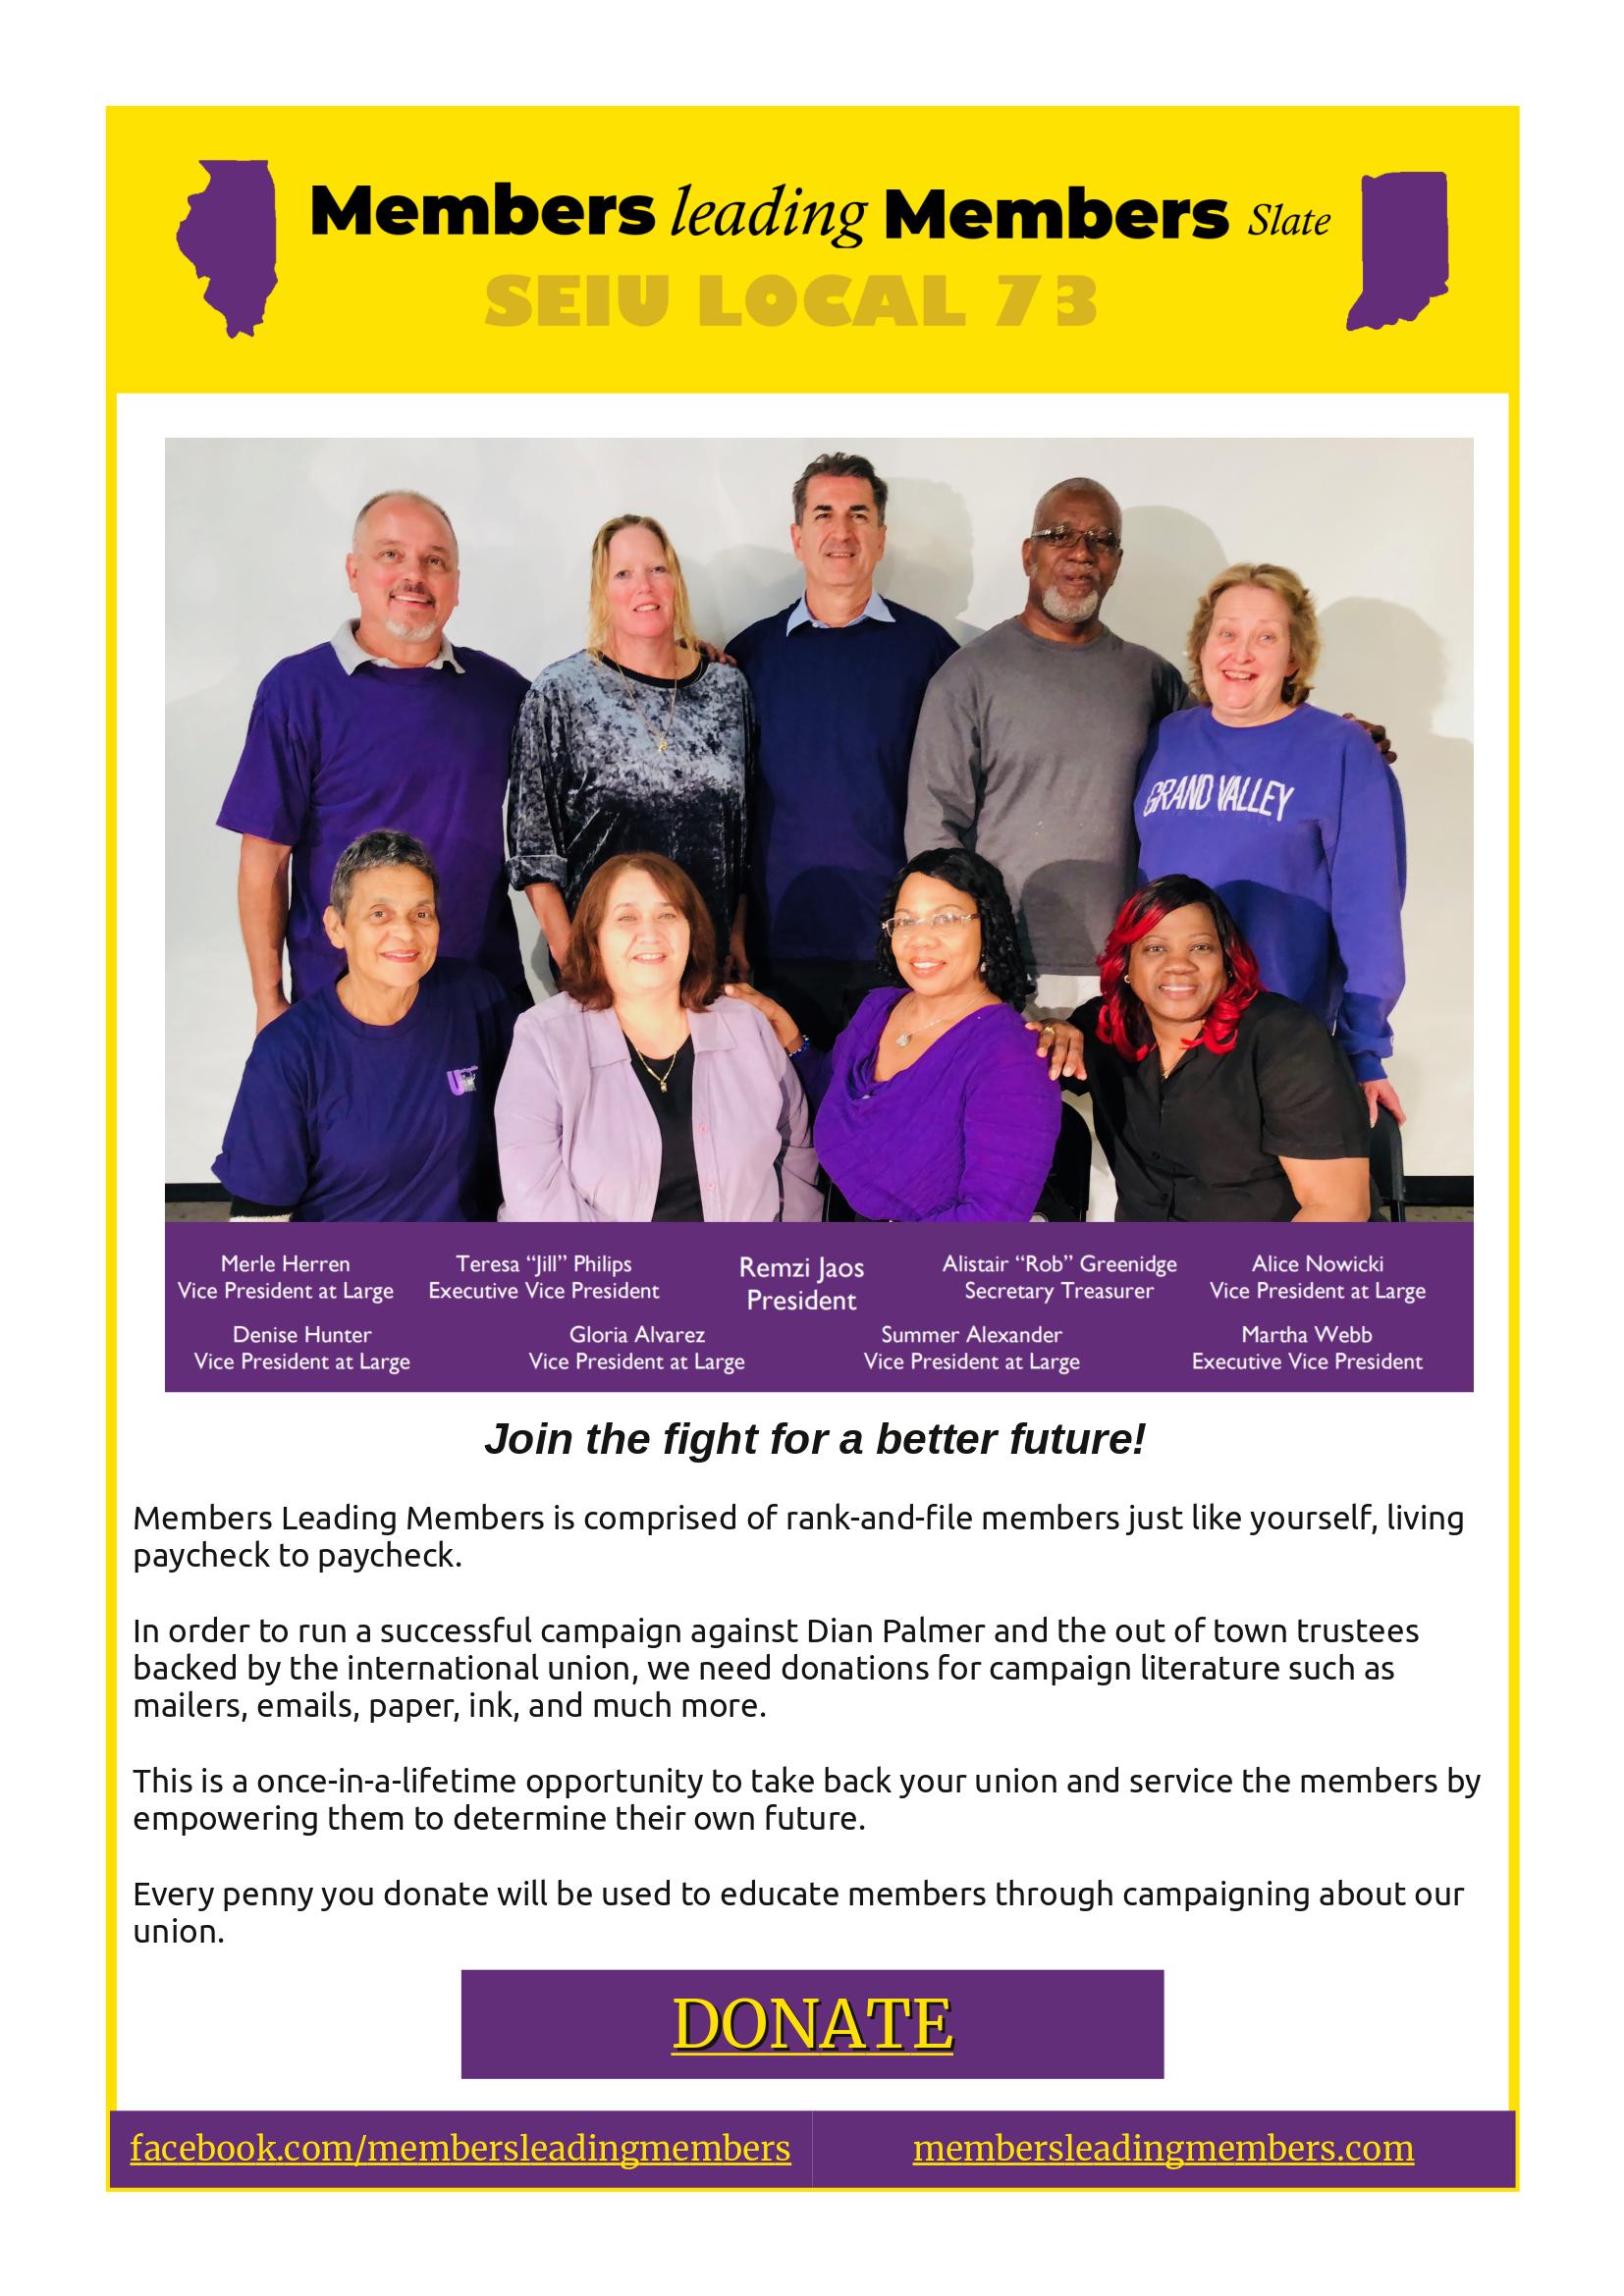 Members Leading Members Flier 05-26-2019-page003.png